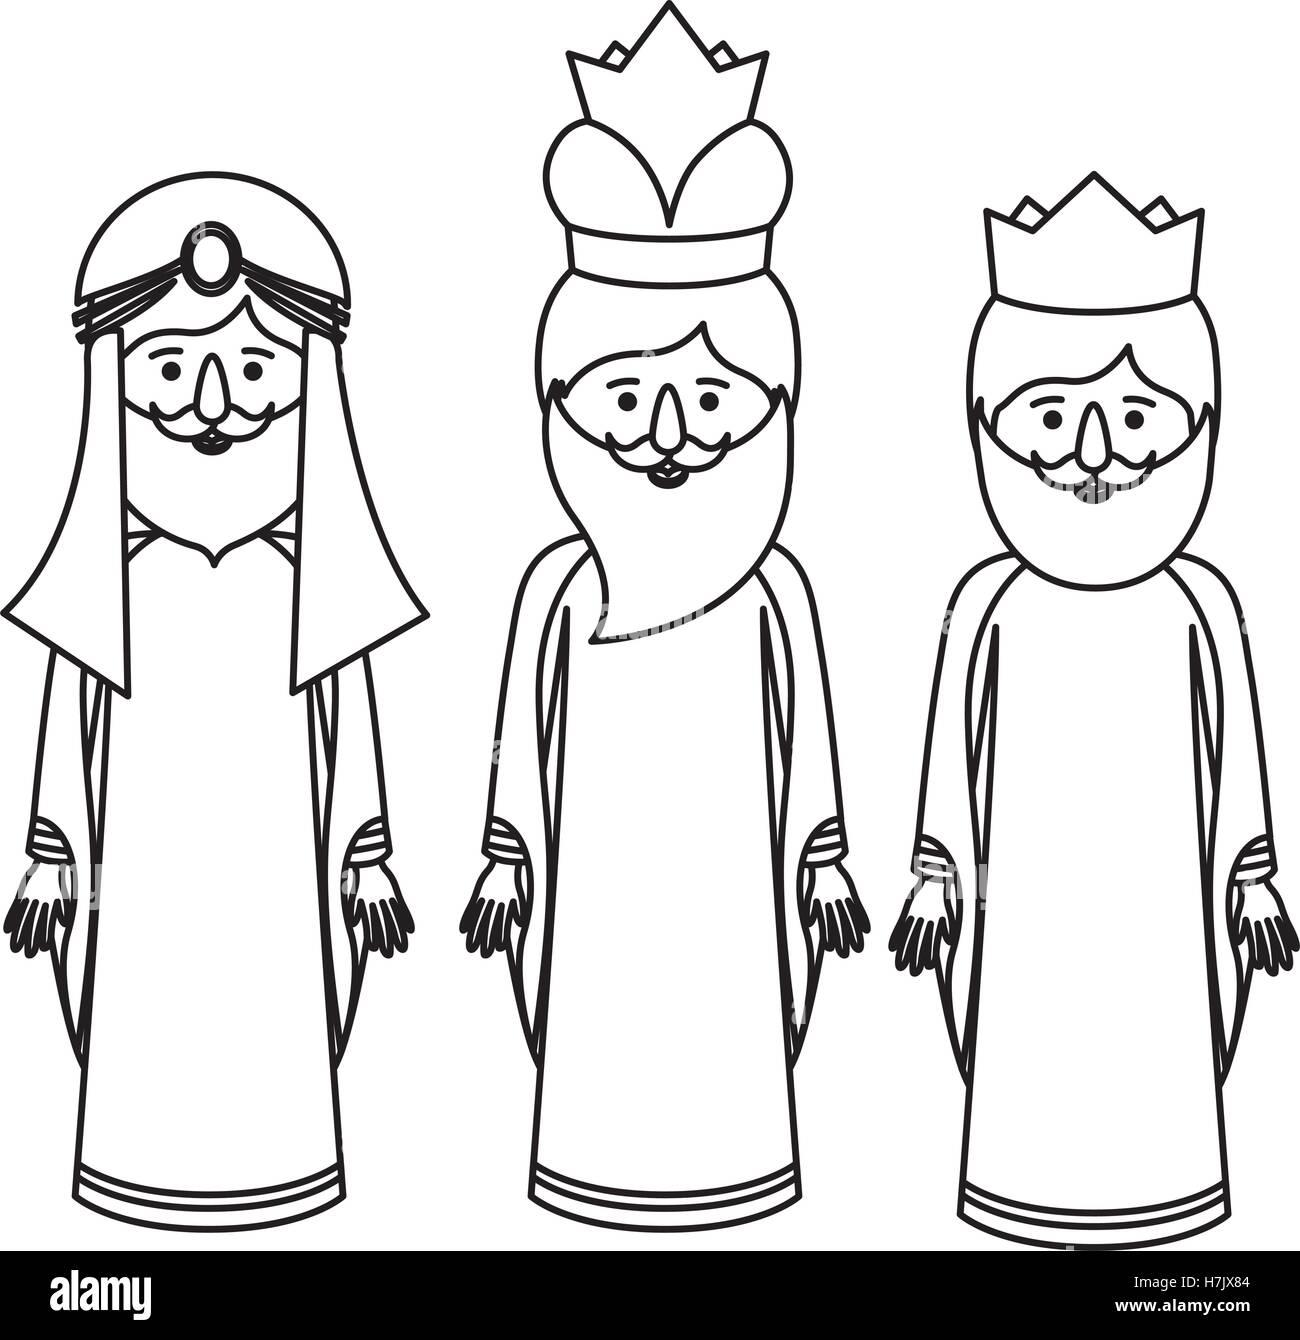 Los Tres Hombres Sabios Dibujos Animados Icono Feliz Día De La